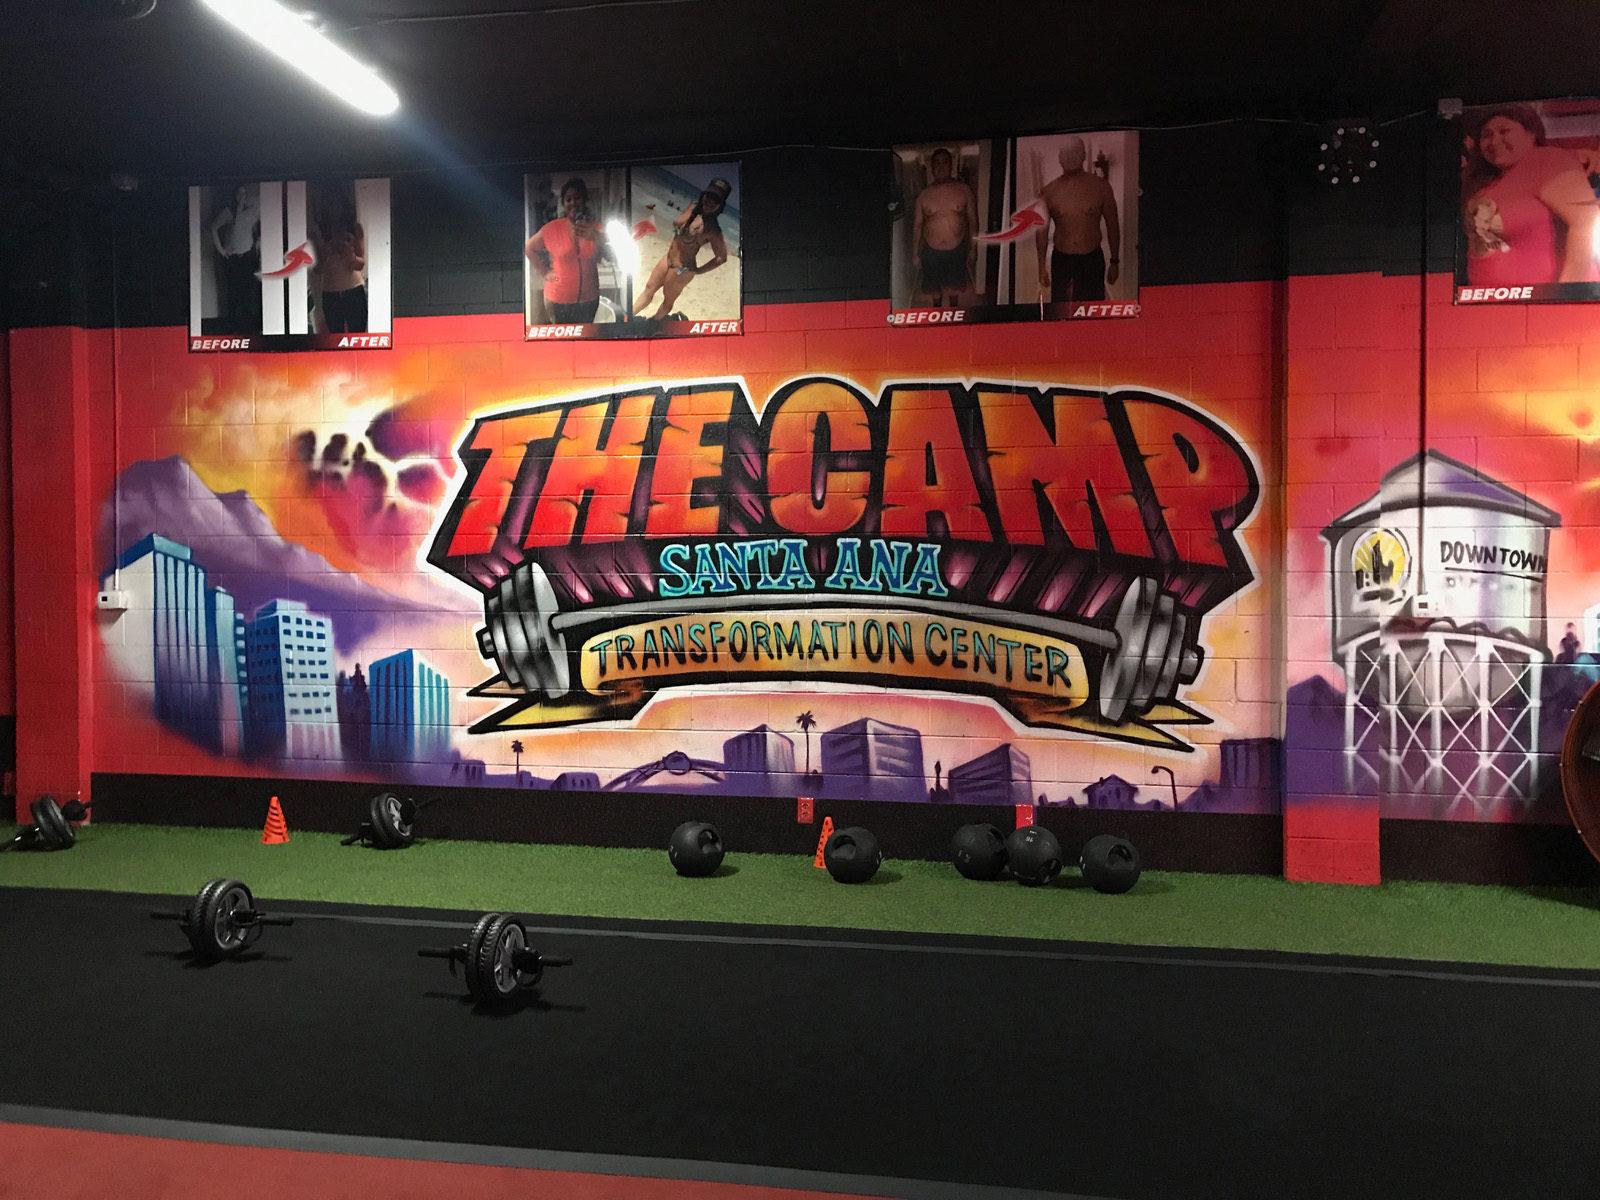 The Camp Santa Ana